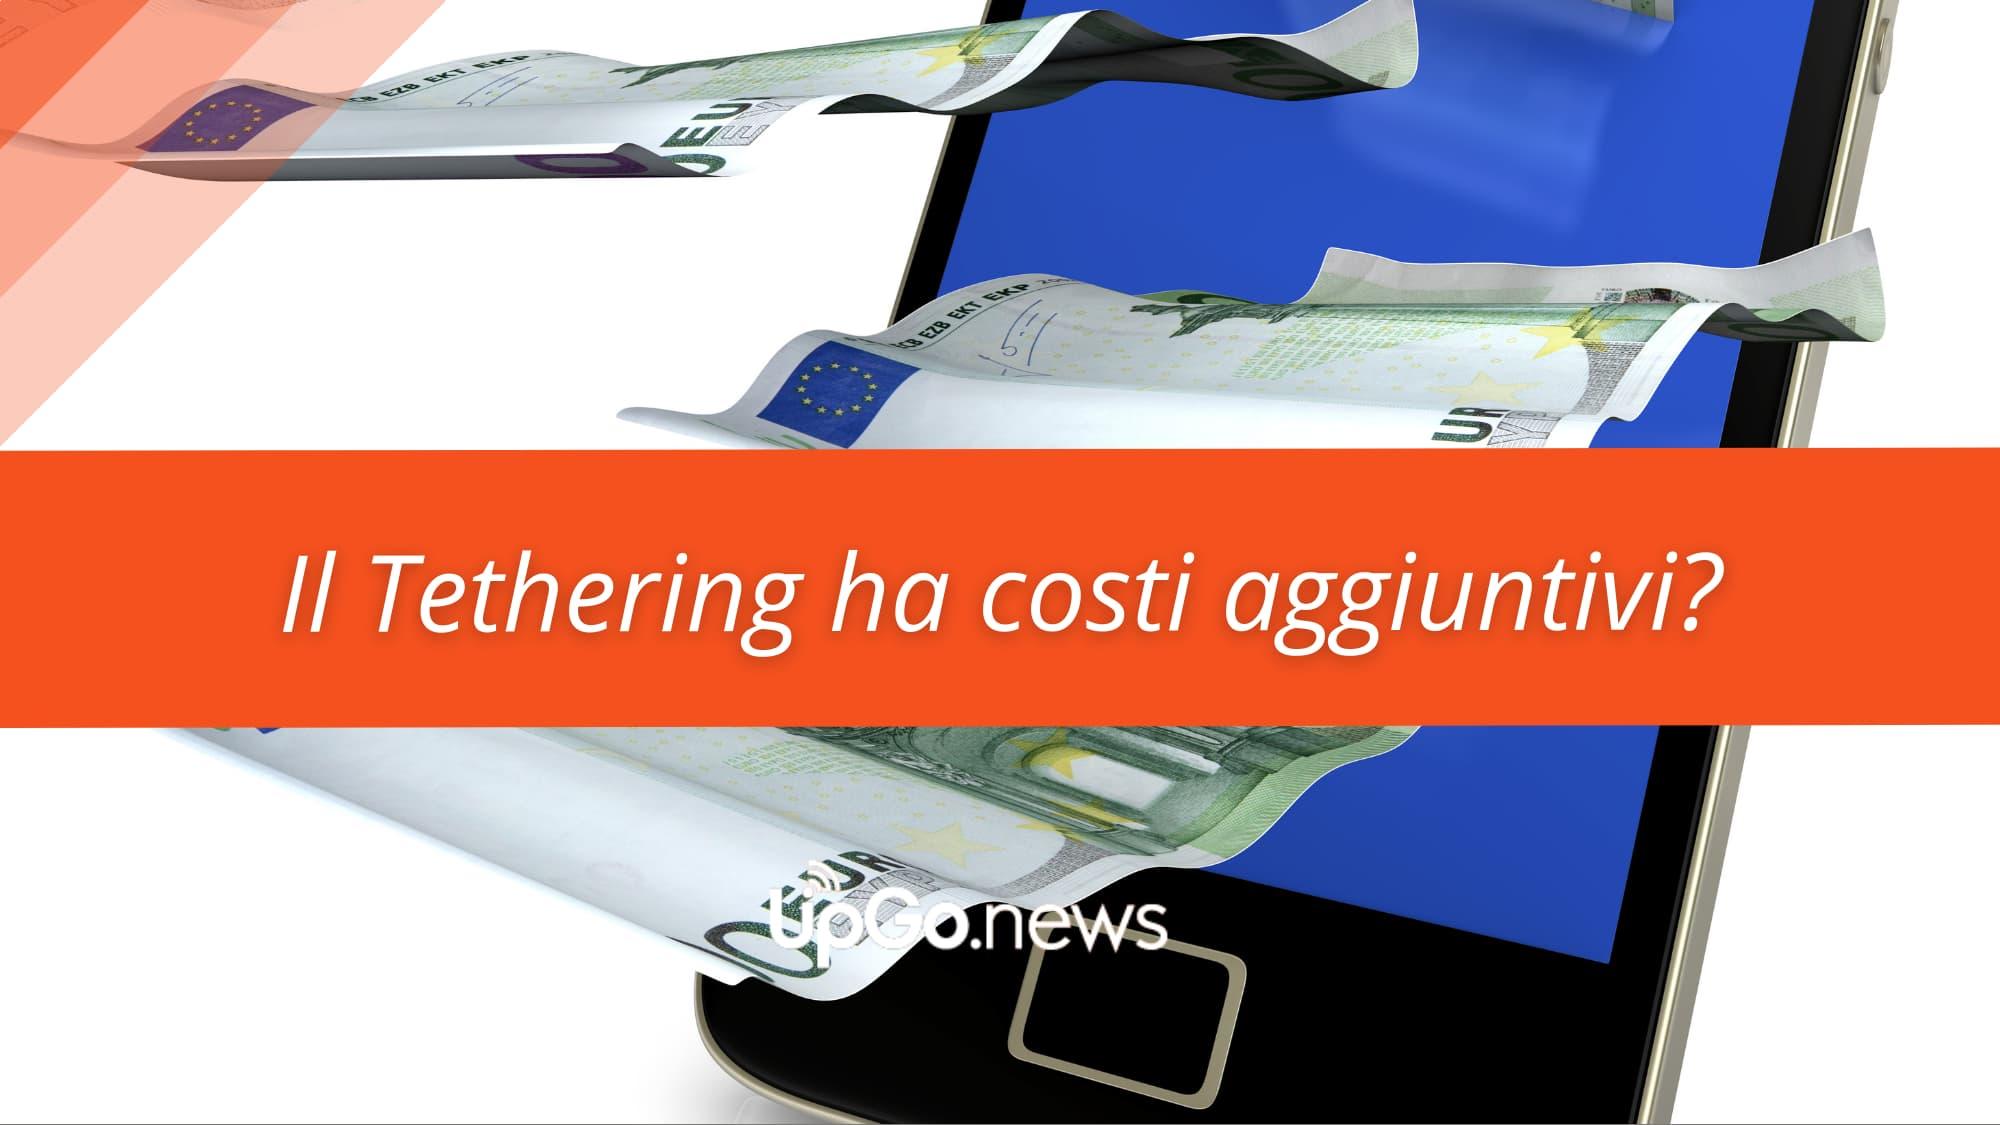 Tethering ha costi aggiuntivi?